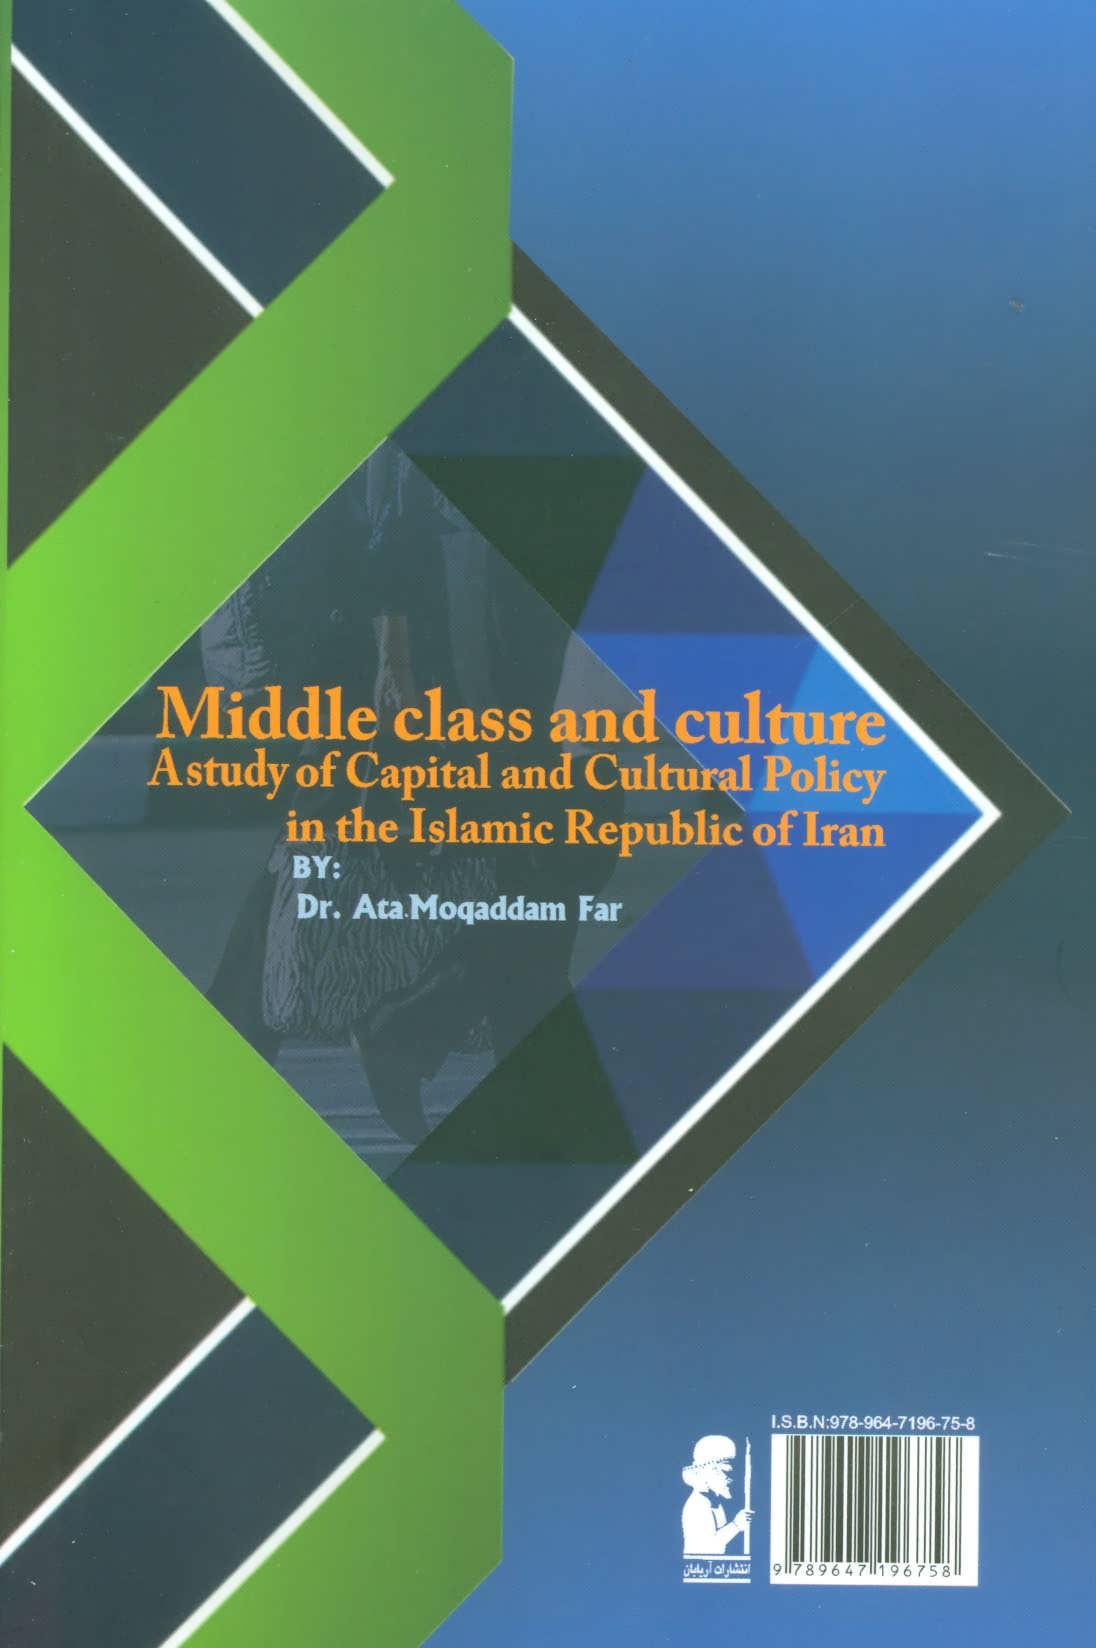 طبقه متوسط و فرهنگ (مطالعه سرمایه و سیاست فرهنگی در جمهوری اسلامی)